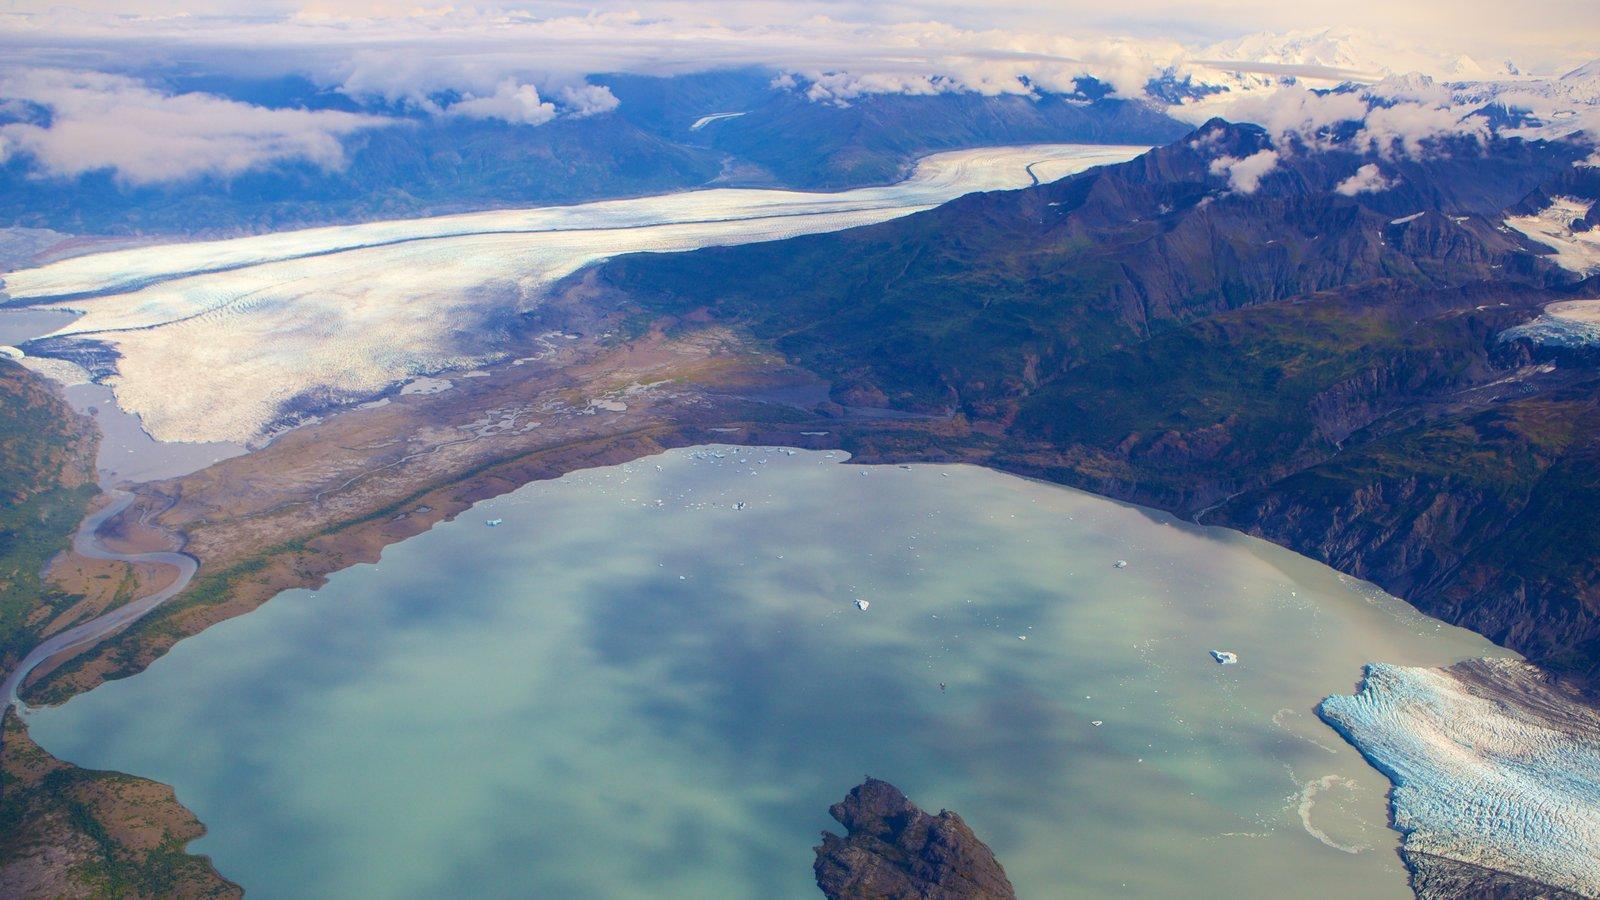 Parque estatal Chugach que incluye nieve y un lago o abrevadero